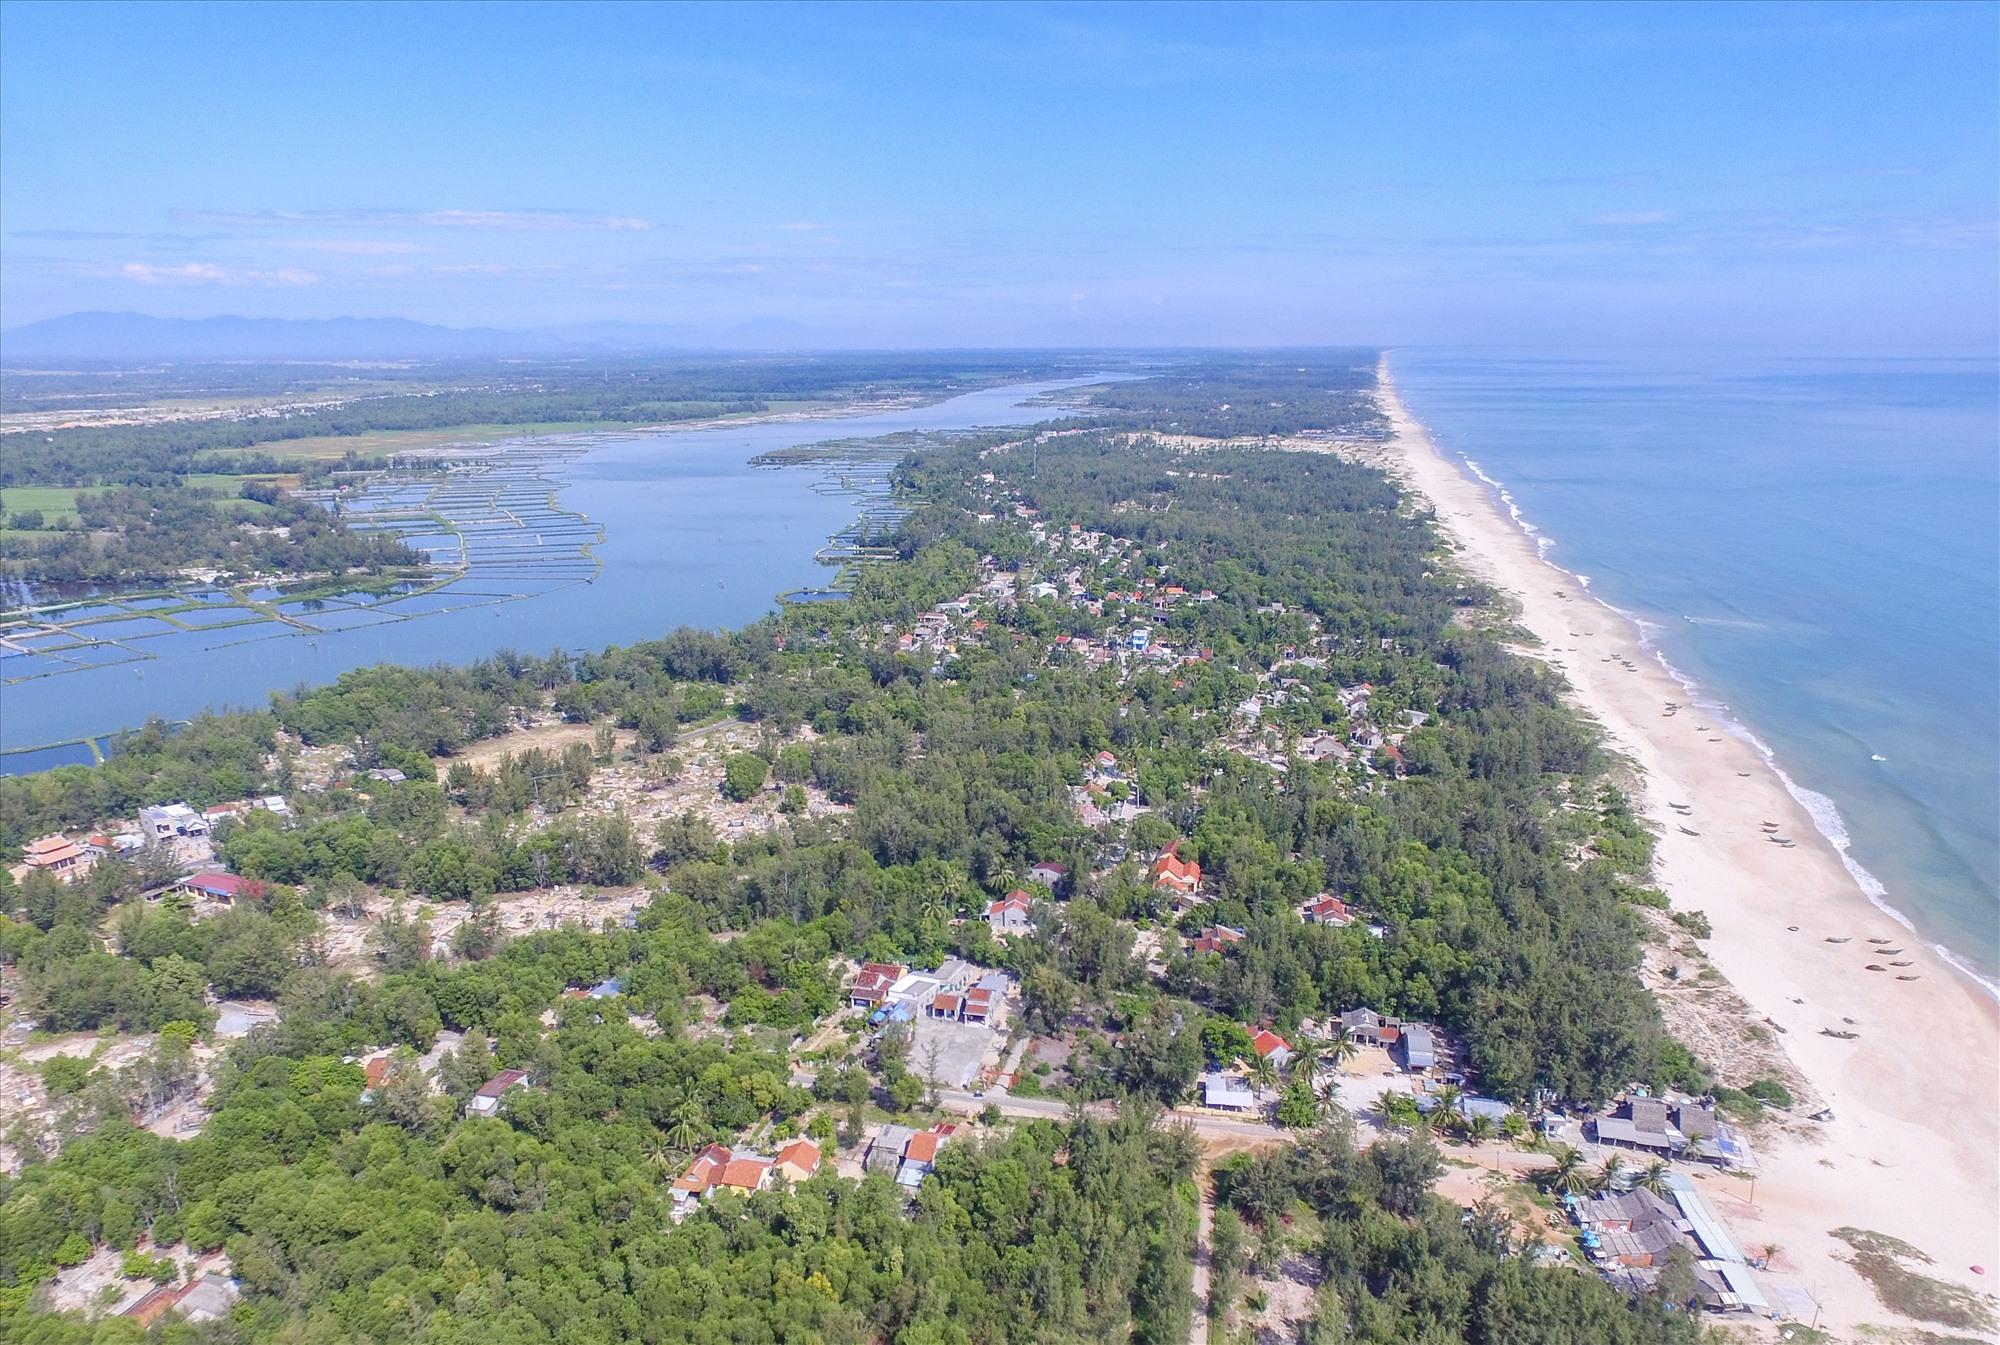 Dải đất nằm giữa sông Trường Giang và biển qua xã Tam Thanh (TP.Tam Kỳ). Ảnh: NGUYỄN CAO HOÀI